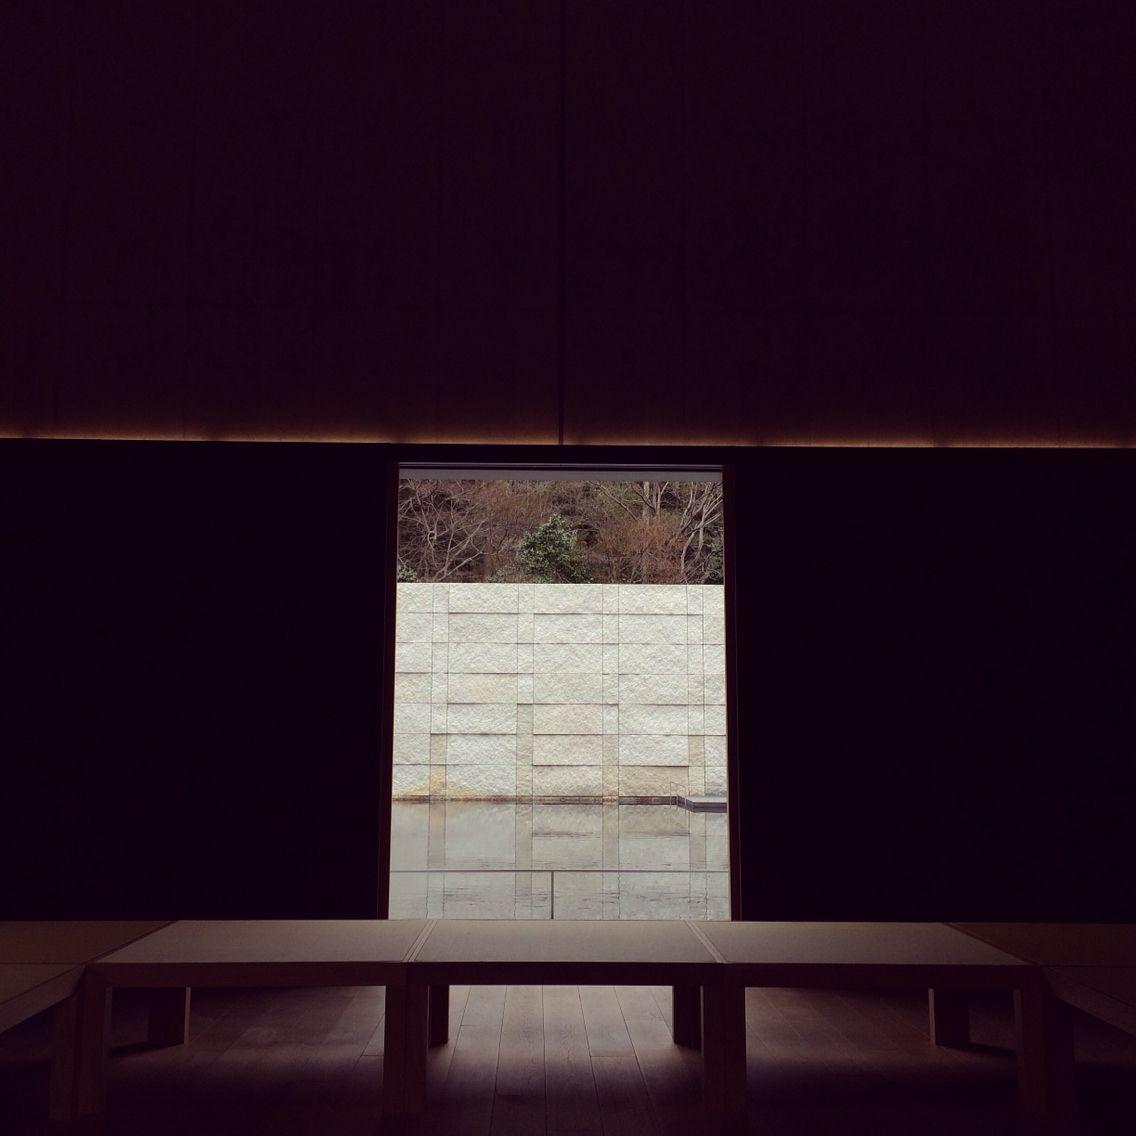 鈴木大拙記念館 (Ph.D. Daisetsu Suzuki)Hall of Zen